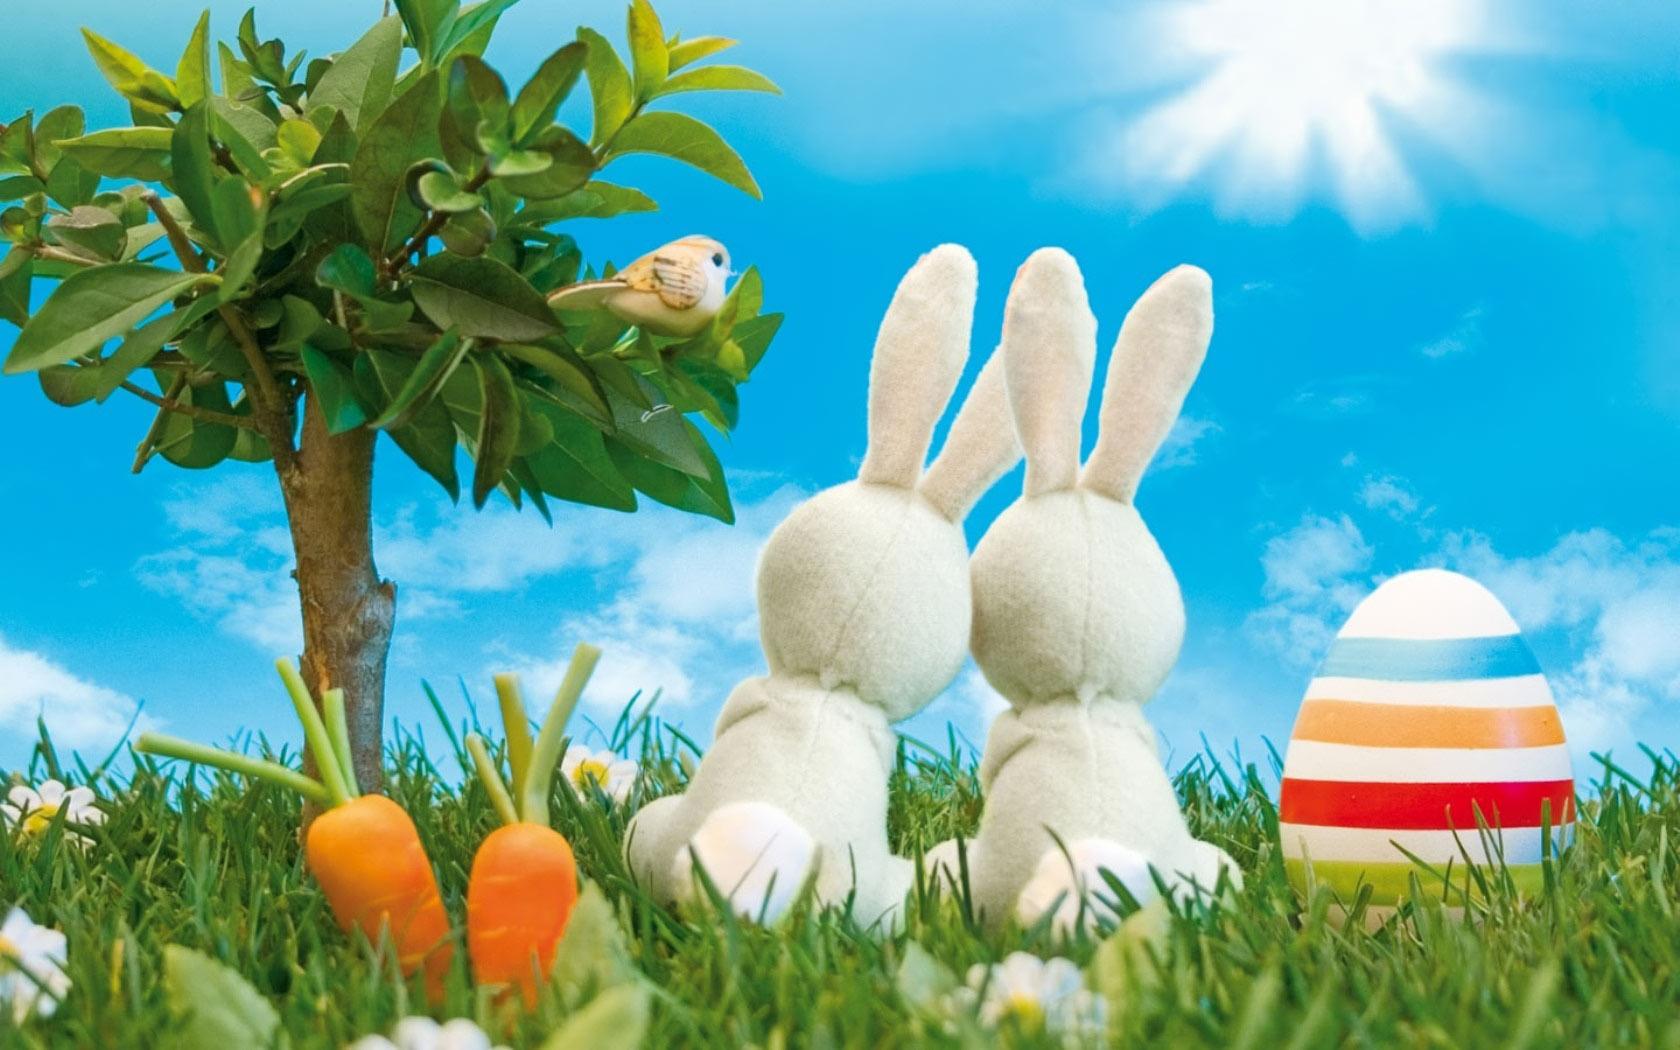 Description Easter Bunny HD Wallpaper is a hi res Wallpaper for pc 1680x1050